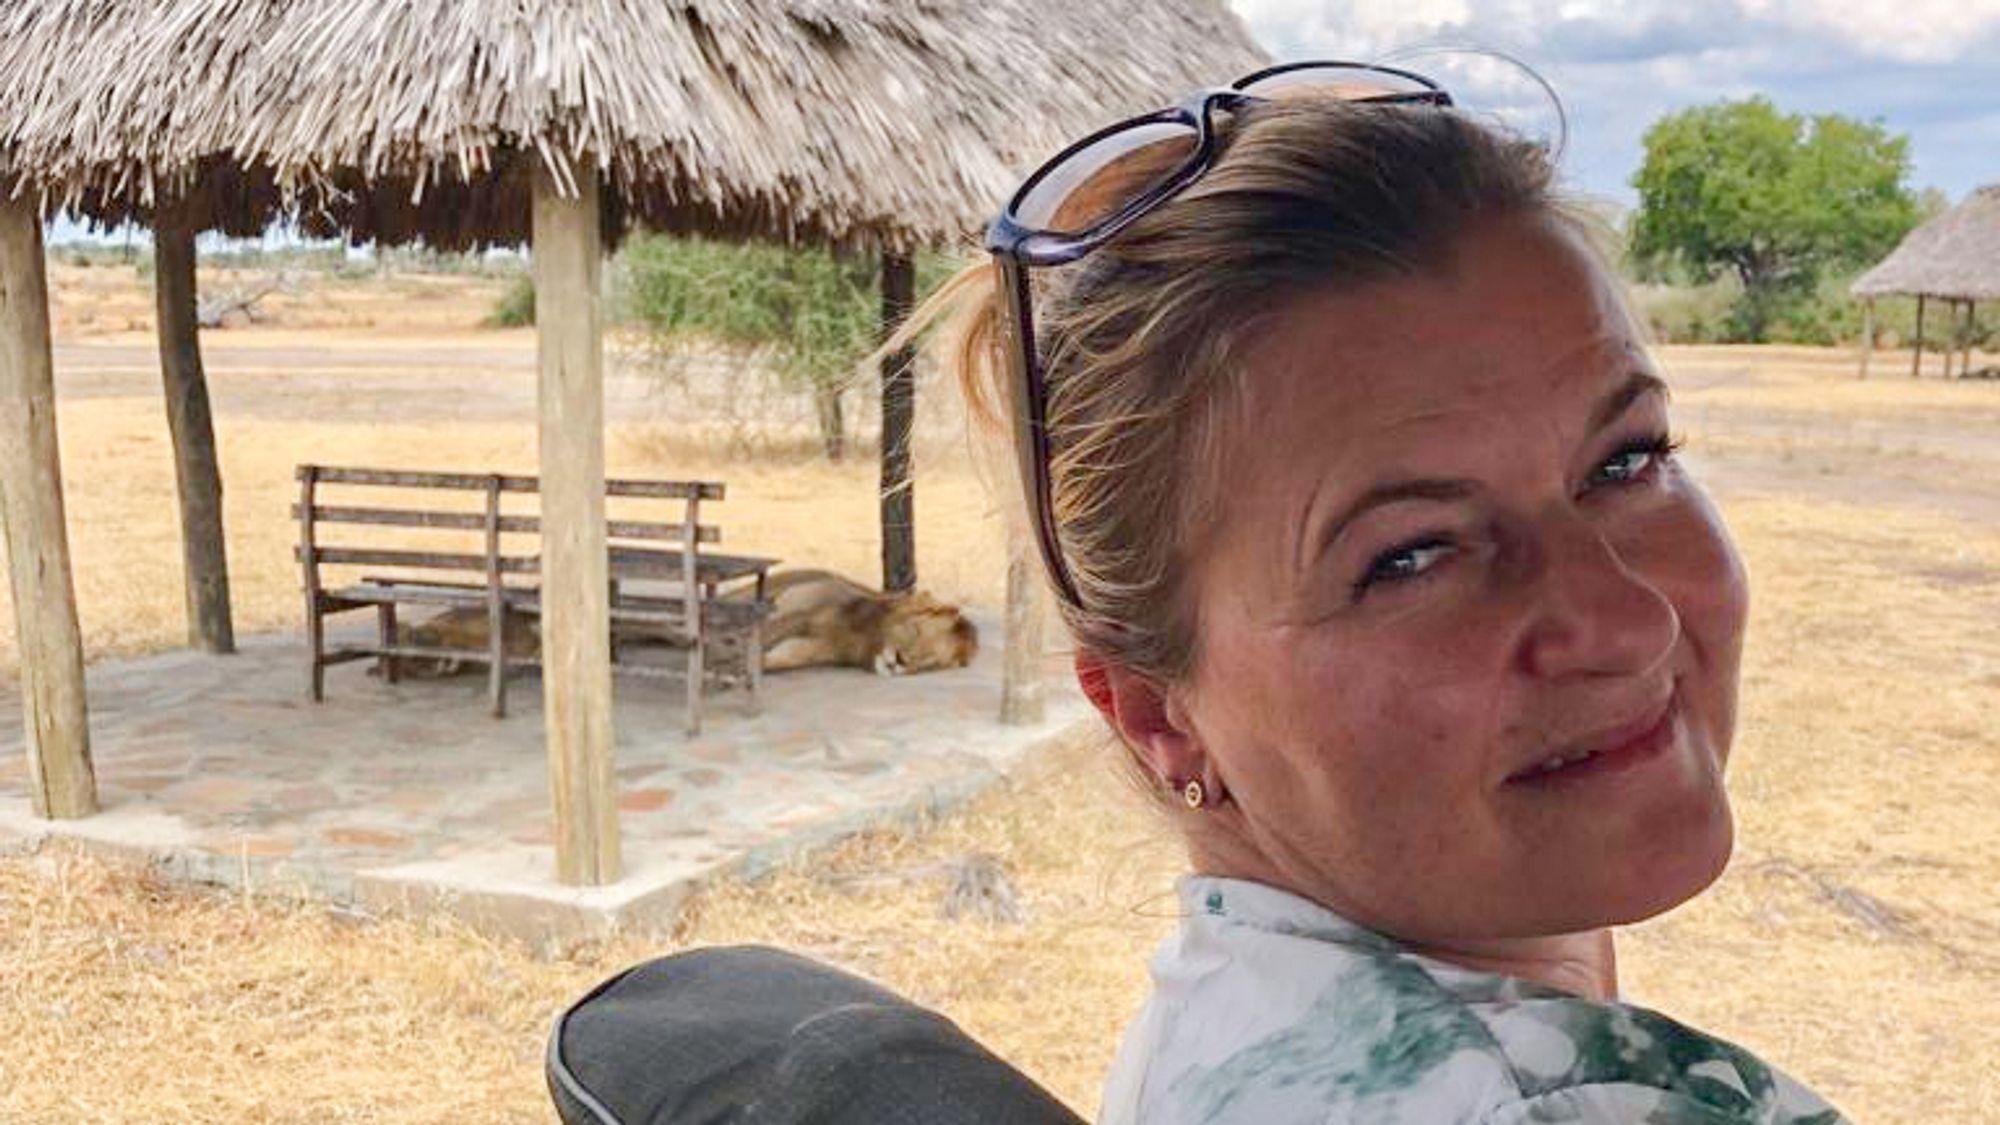 Marianne Nilsen Sturmair er ny leder for Ingeniører uten grenser. Her et bilde sammen med en løve, tatt på en ferietur til Tanzania.